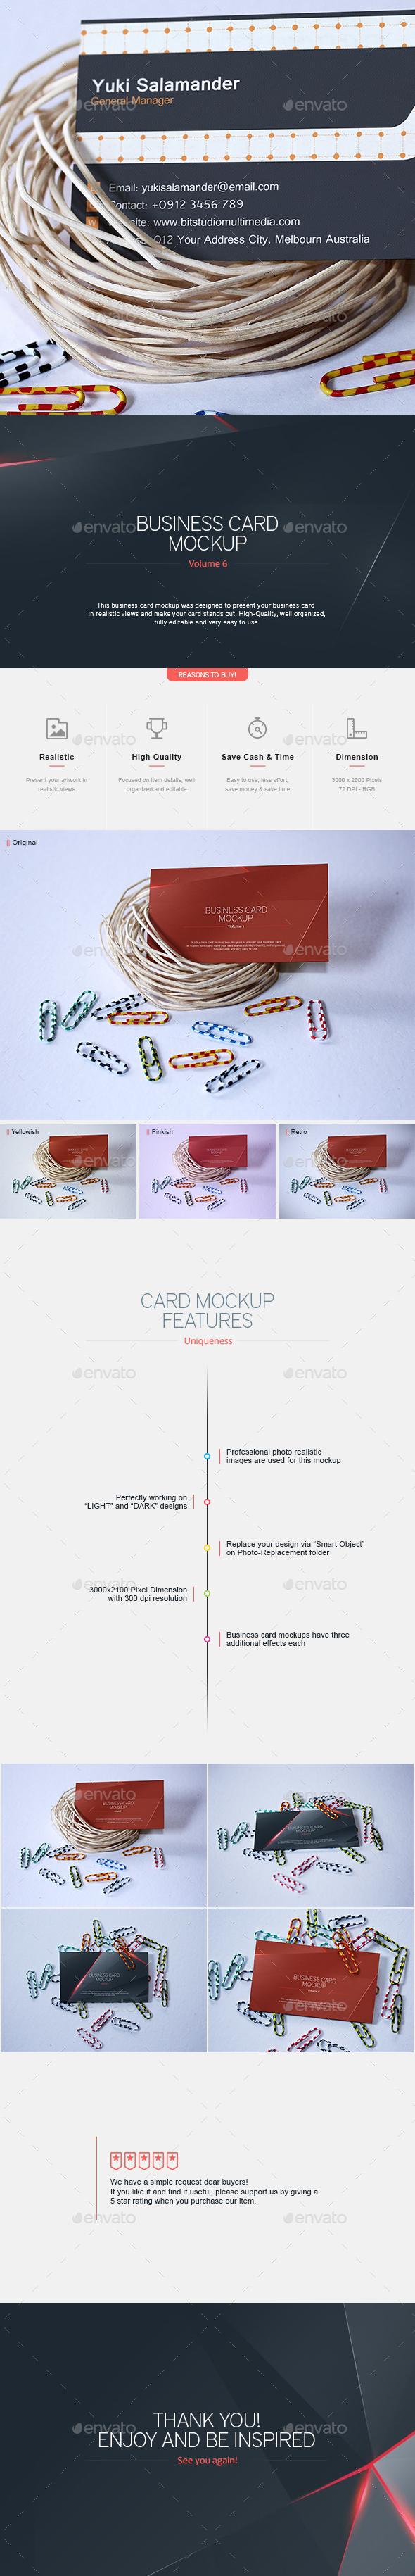 Business Card Mock-Up V.6 - Business Cards Print